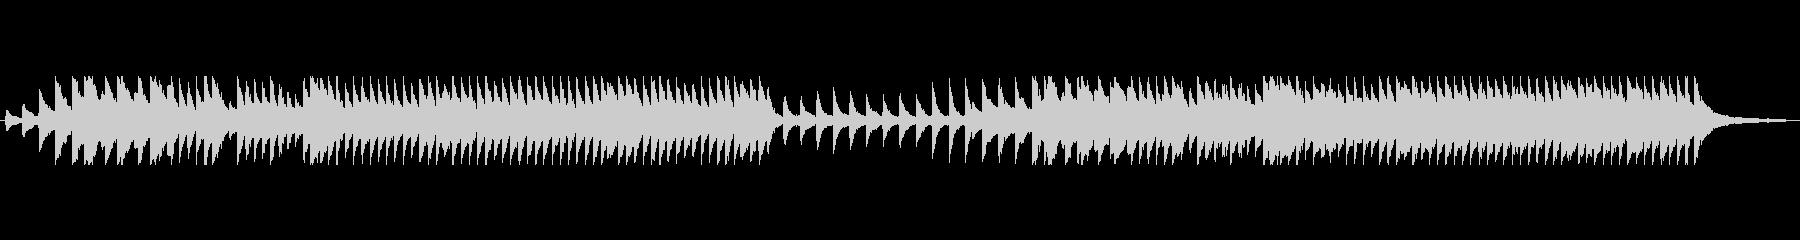 高揚感、躍動感あふれるピアノ曲の未再生の波形